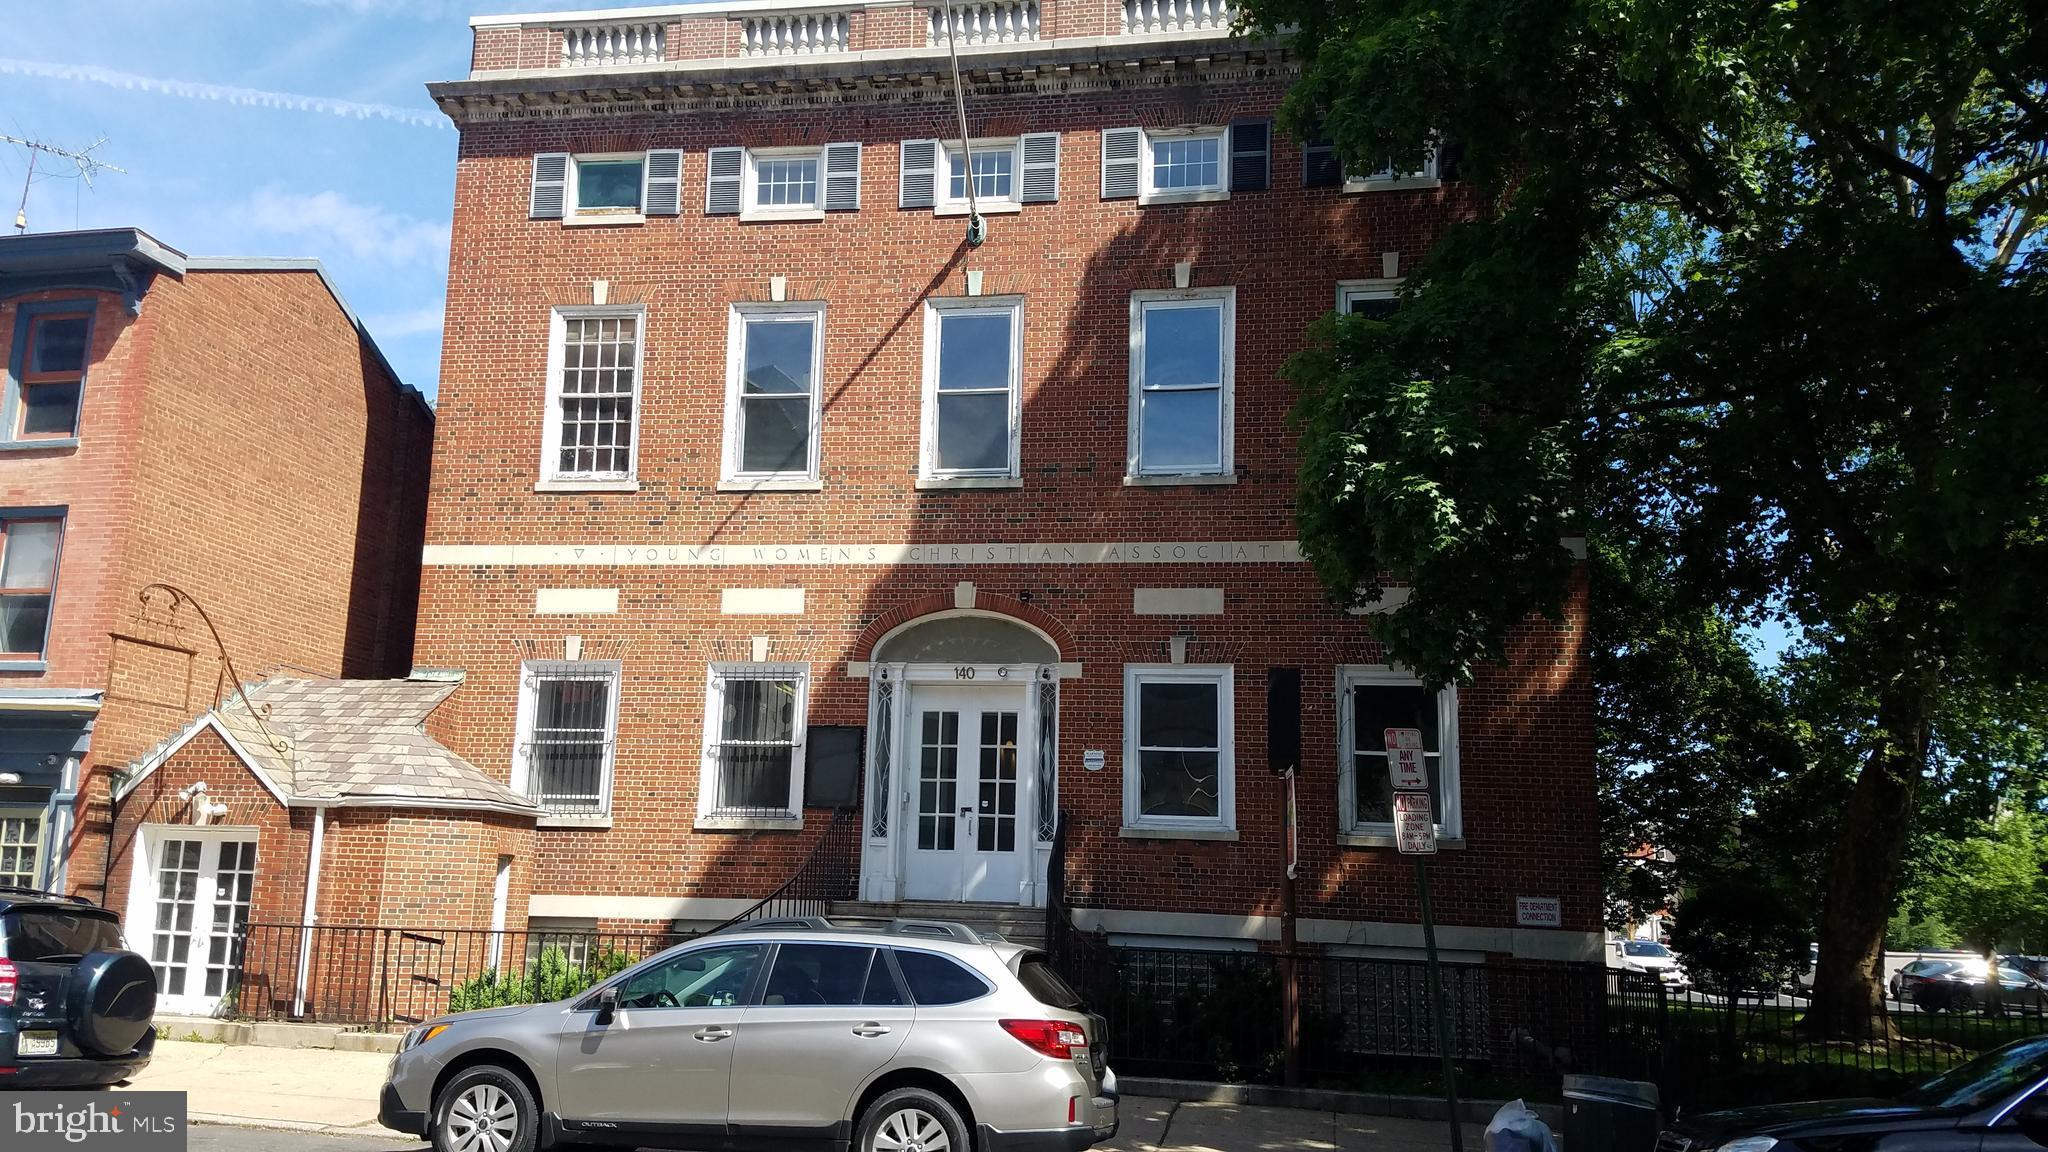 140 E HANOVER STREET, TRENTON, NJ 08608